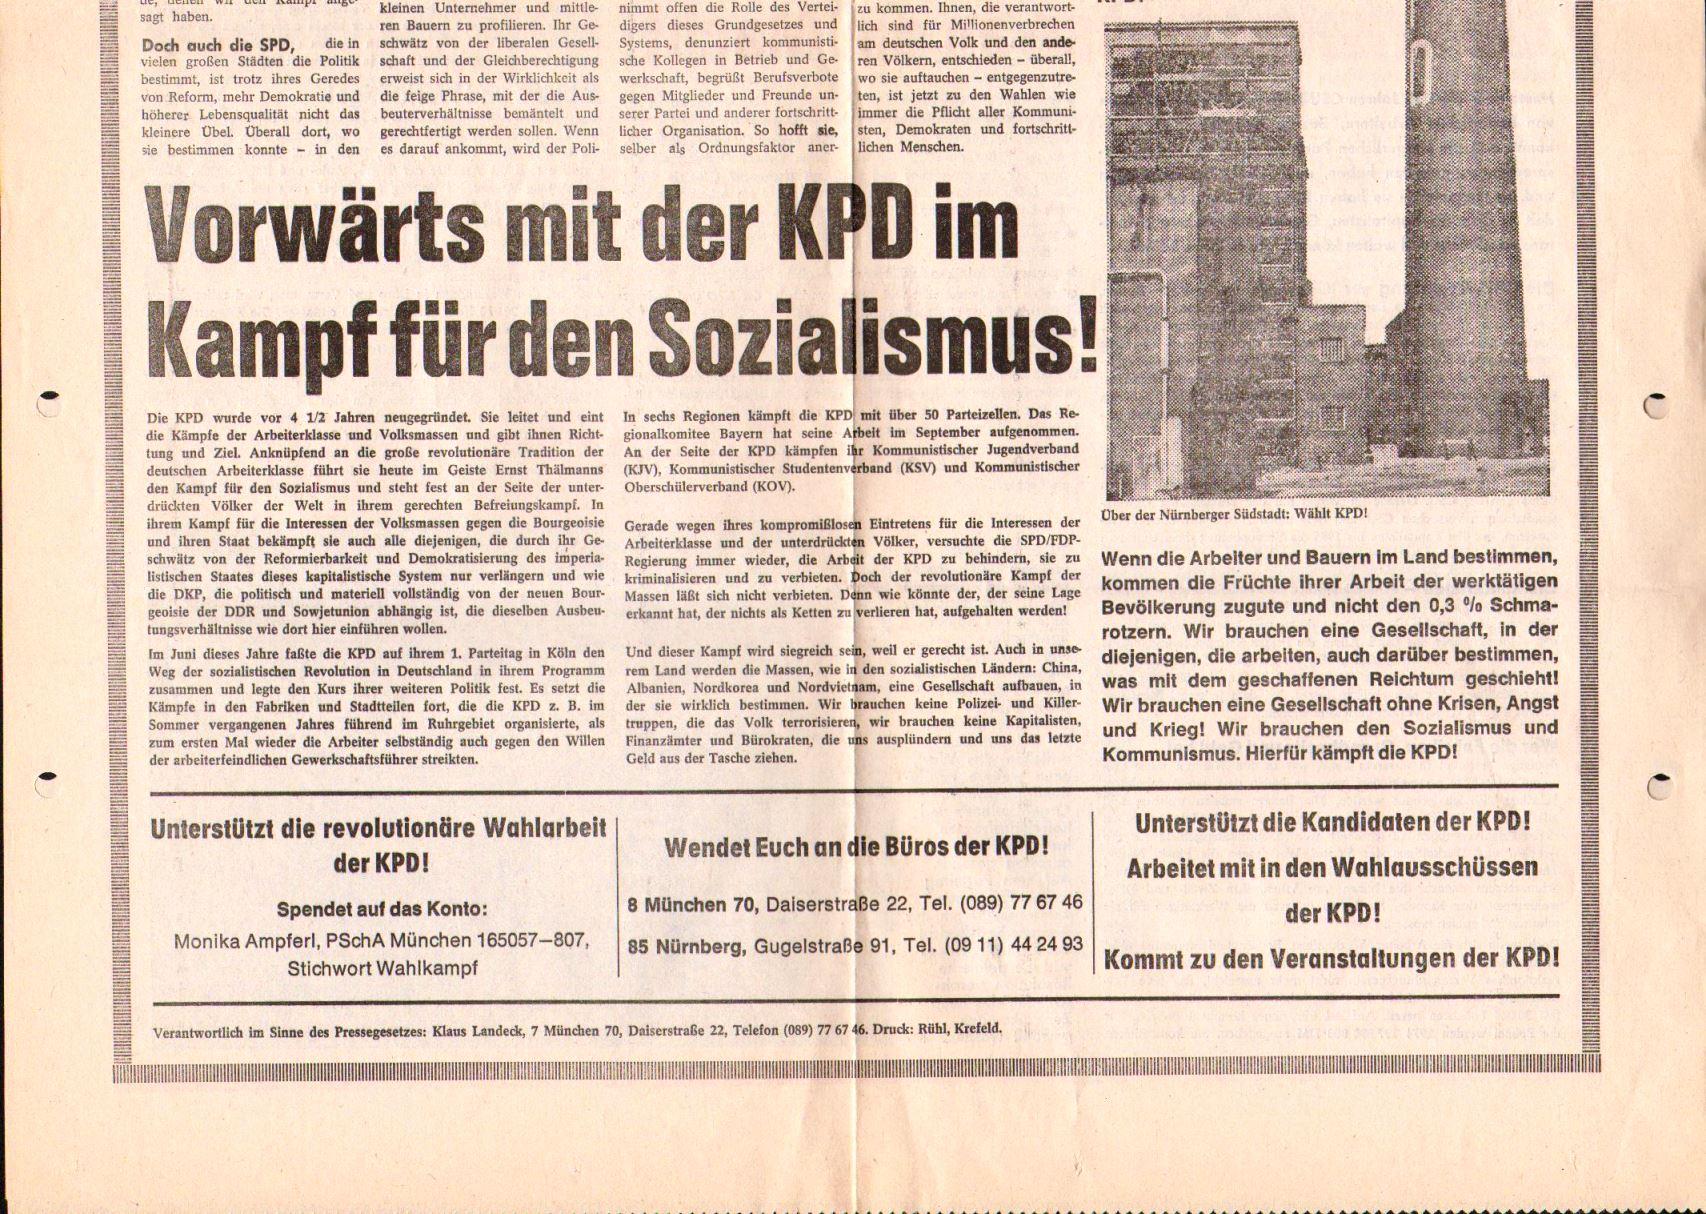 Bayern_KPDAO_1974_Wahlaufruf_04